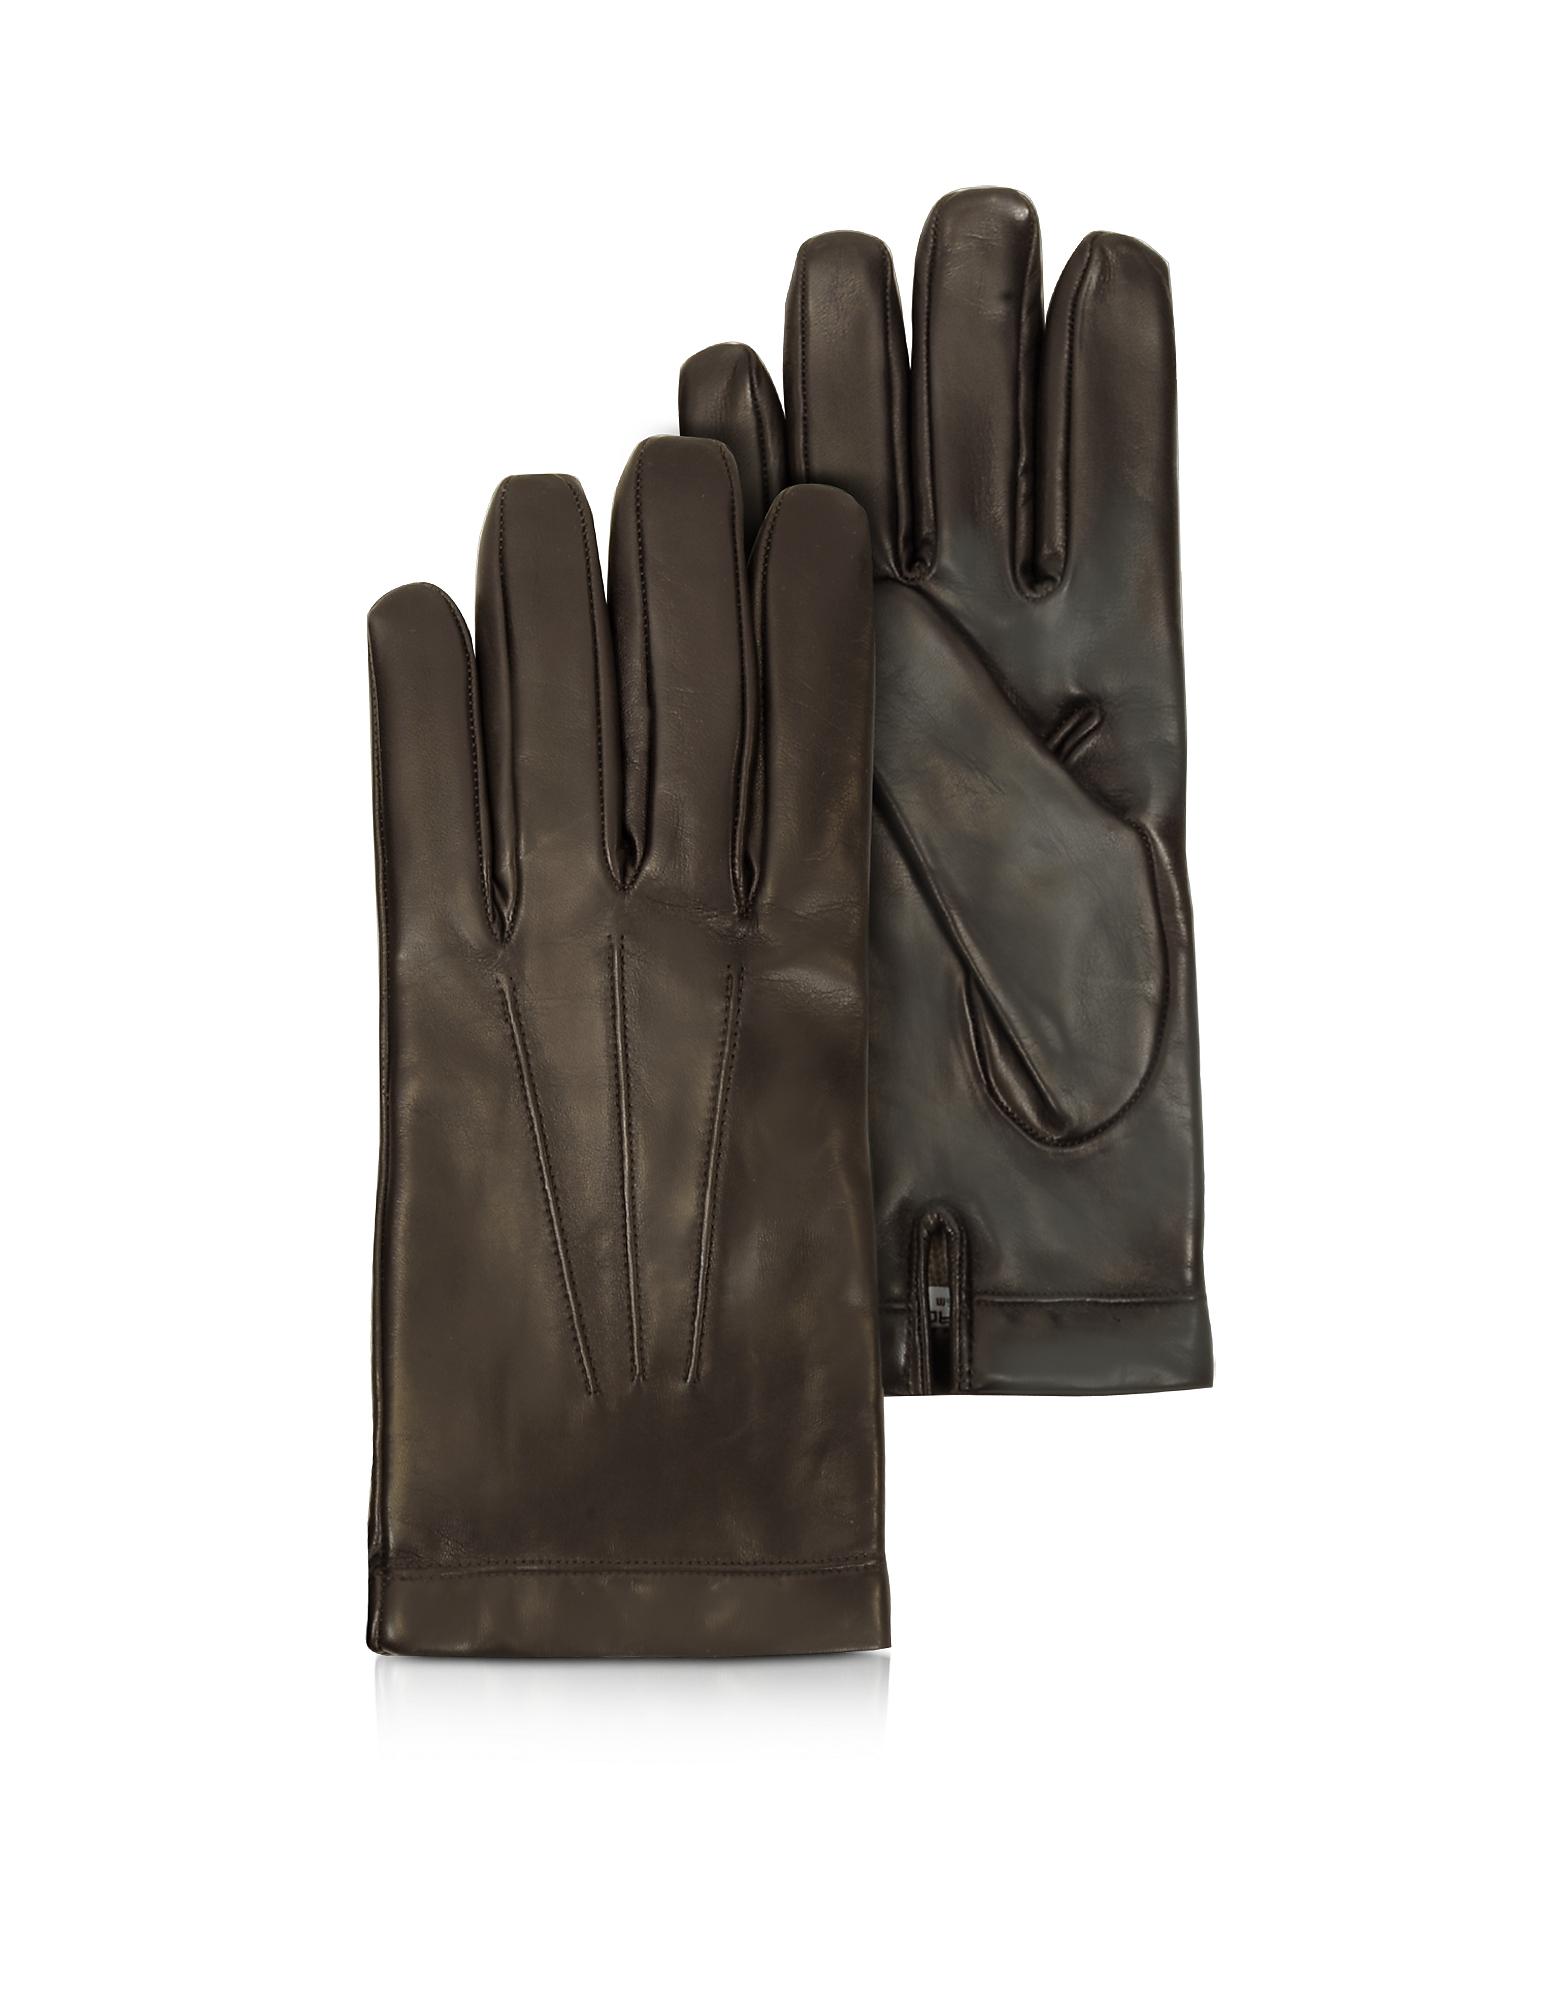 Siberia - Темно-коричневые Кожаные Мужские Перчатки с Подкладкой из Кашемира